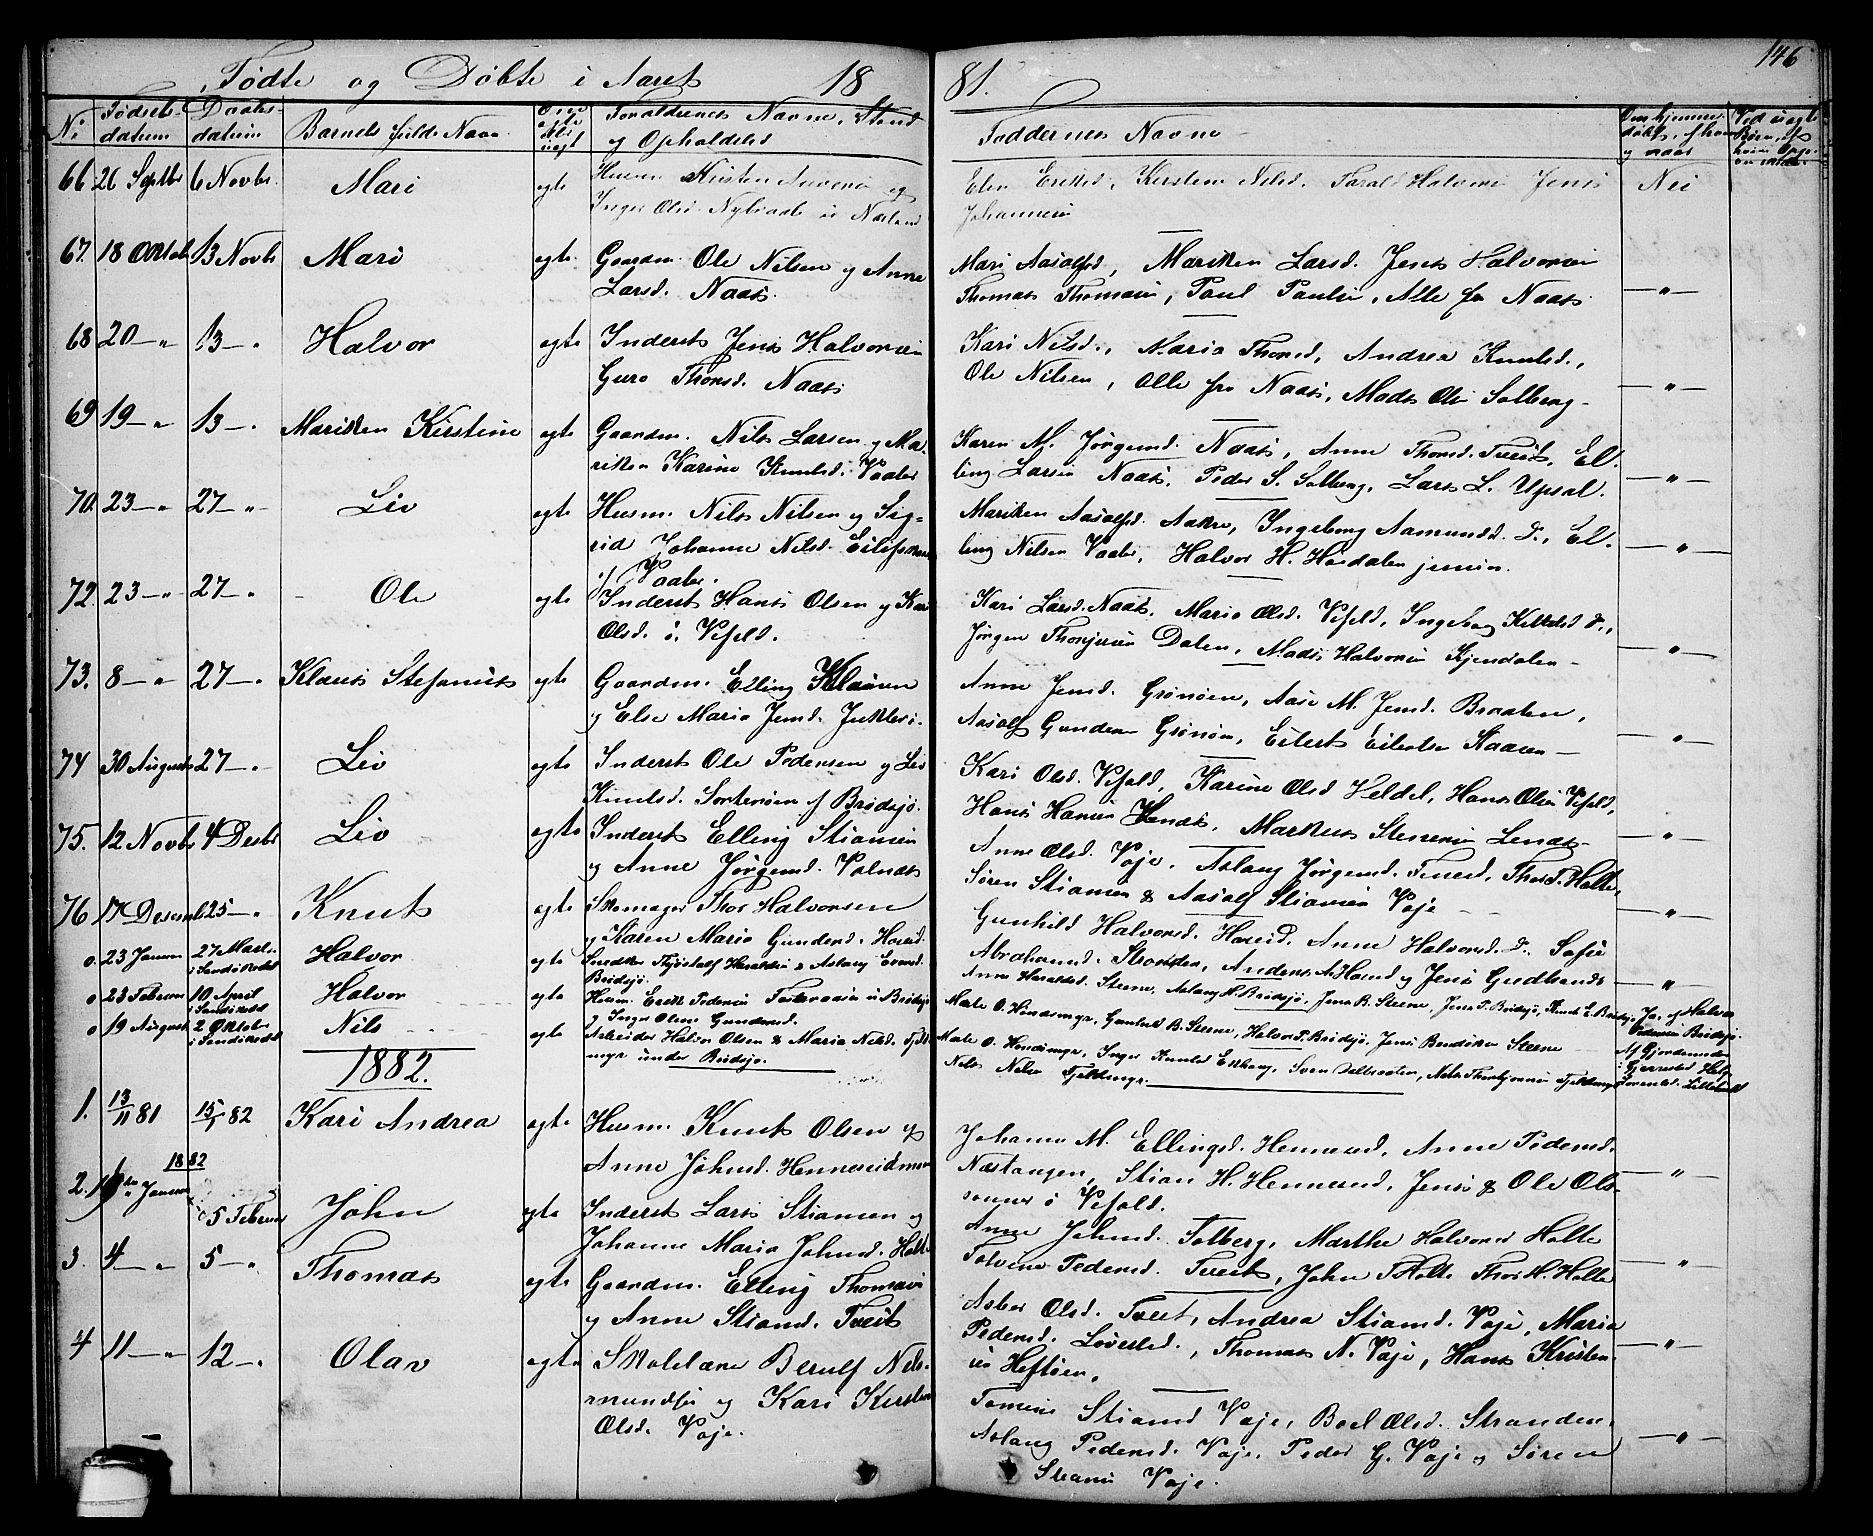 SAKO, Drangedal kirkebøker, G/Ga/L0002: Klokkerbok nr. I 2, 1856-1887, s. 146